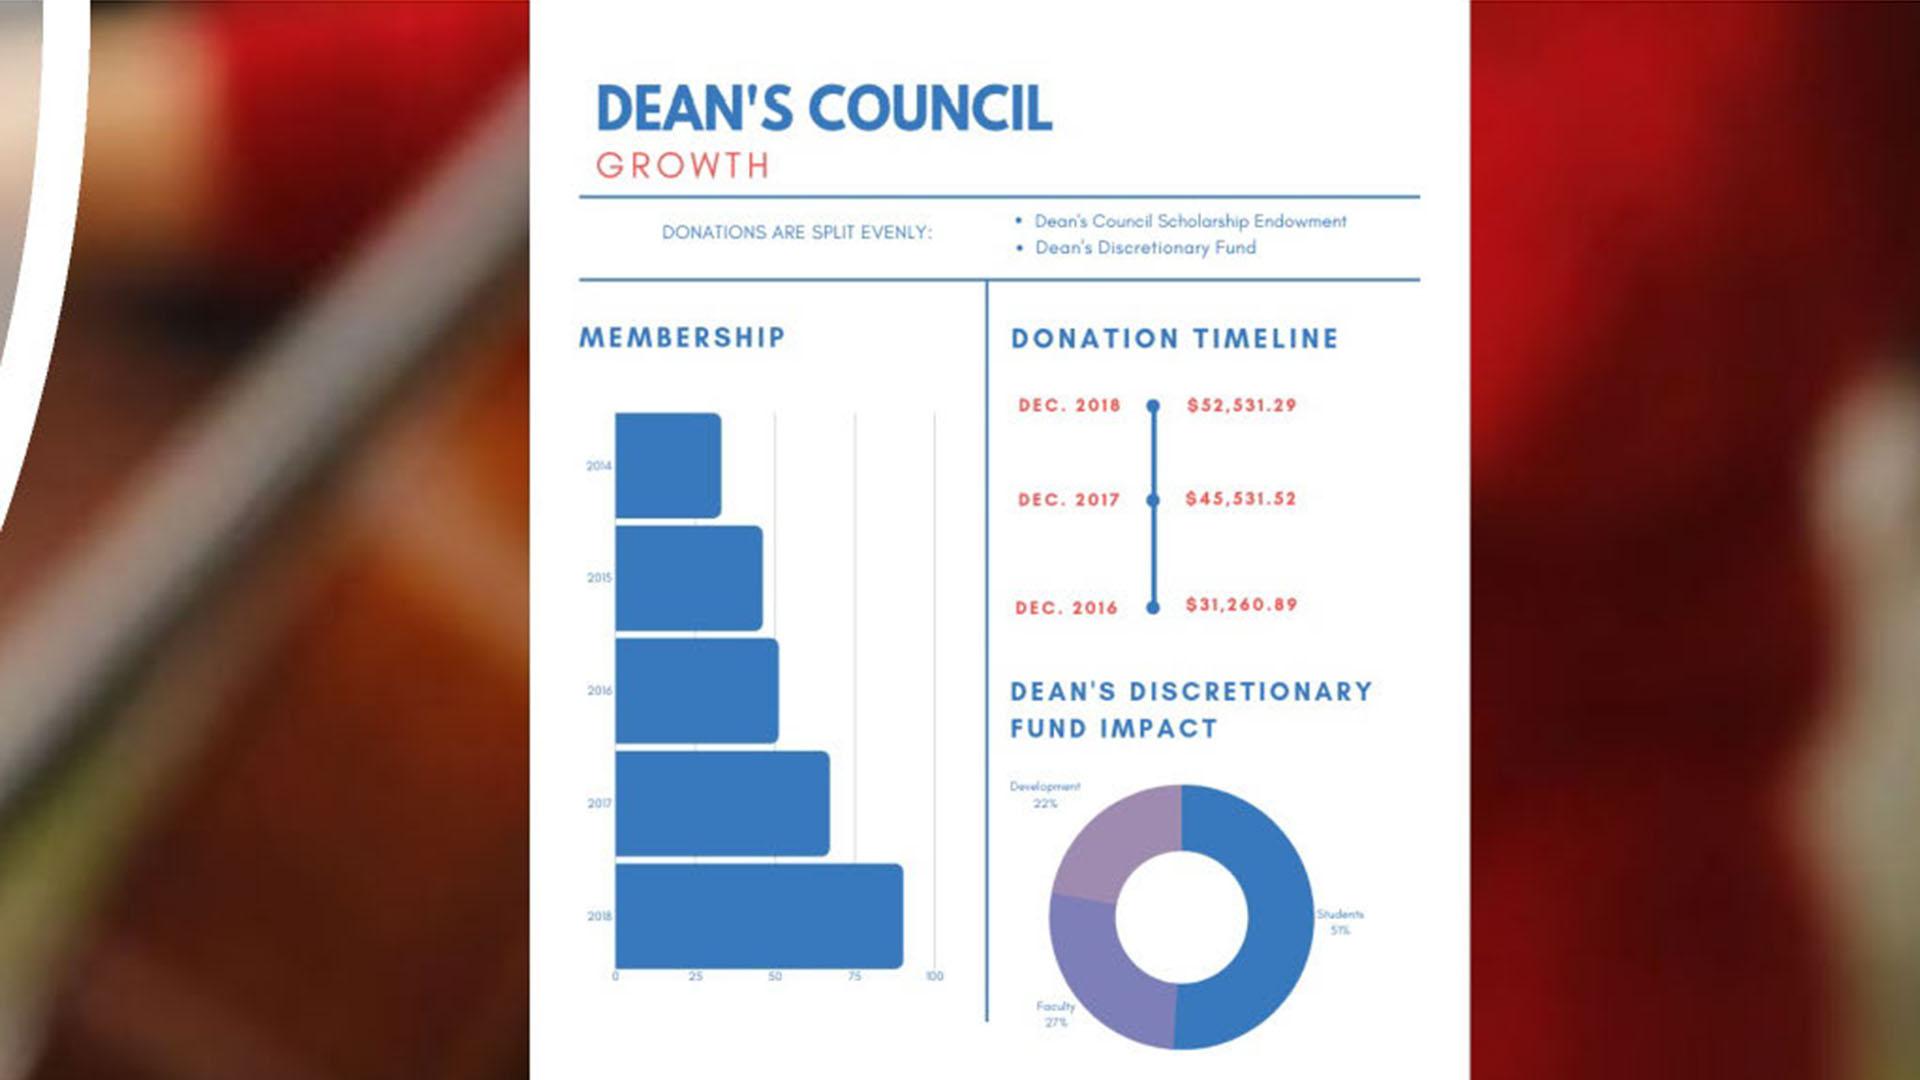 Dean's Council Growth